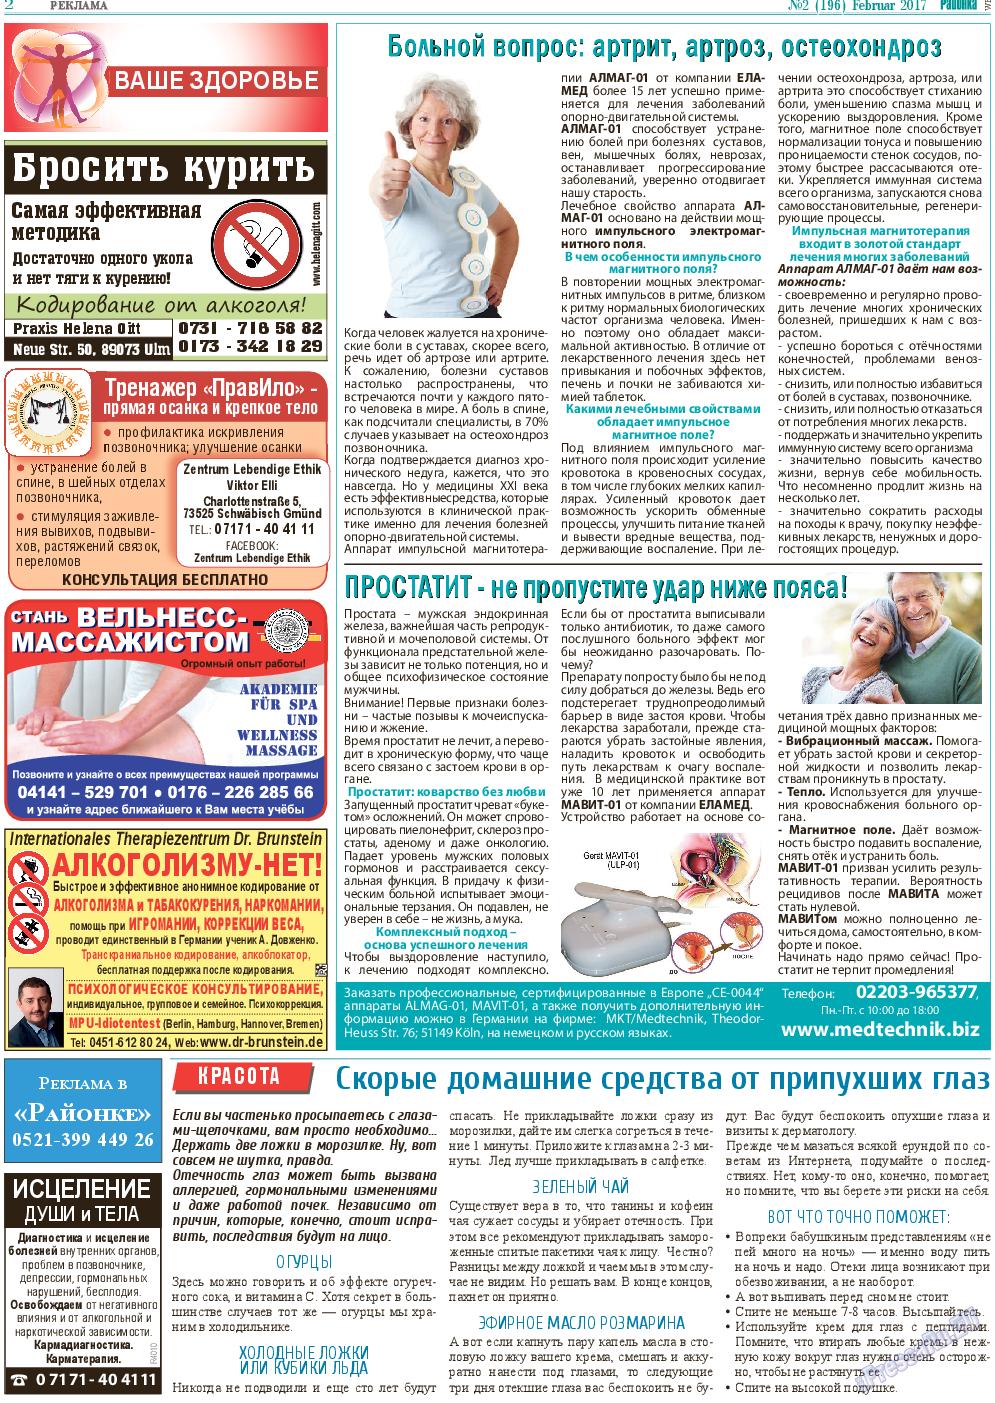 Районка-West (газета). 2017 год, номер 2, стр. 2